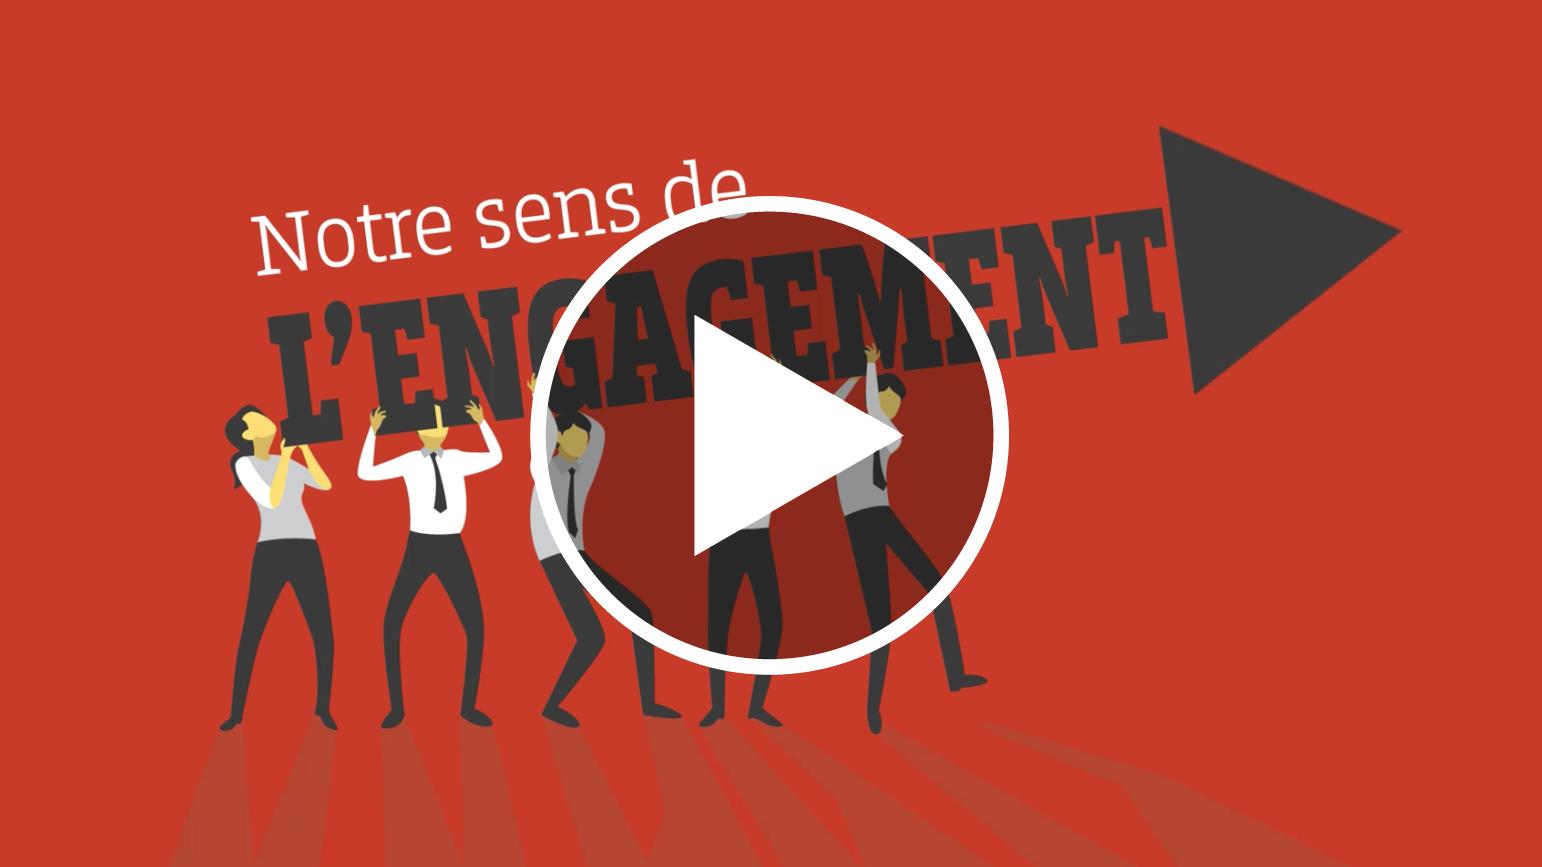 3 - Le sens de l'engagement